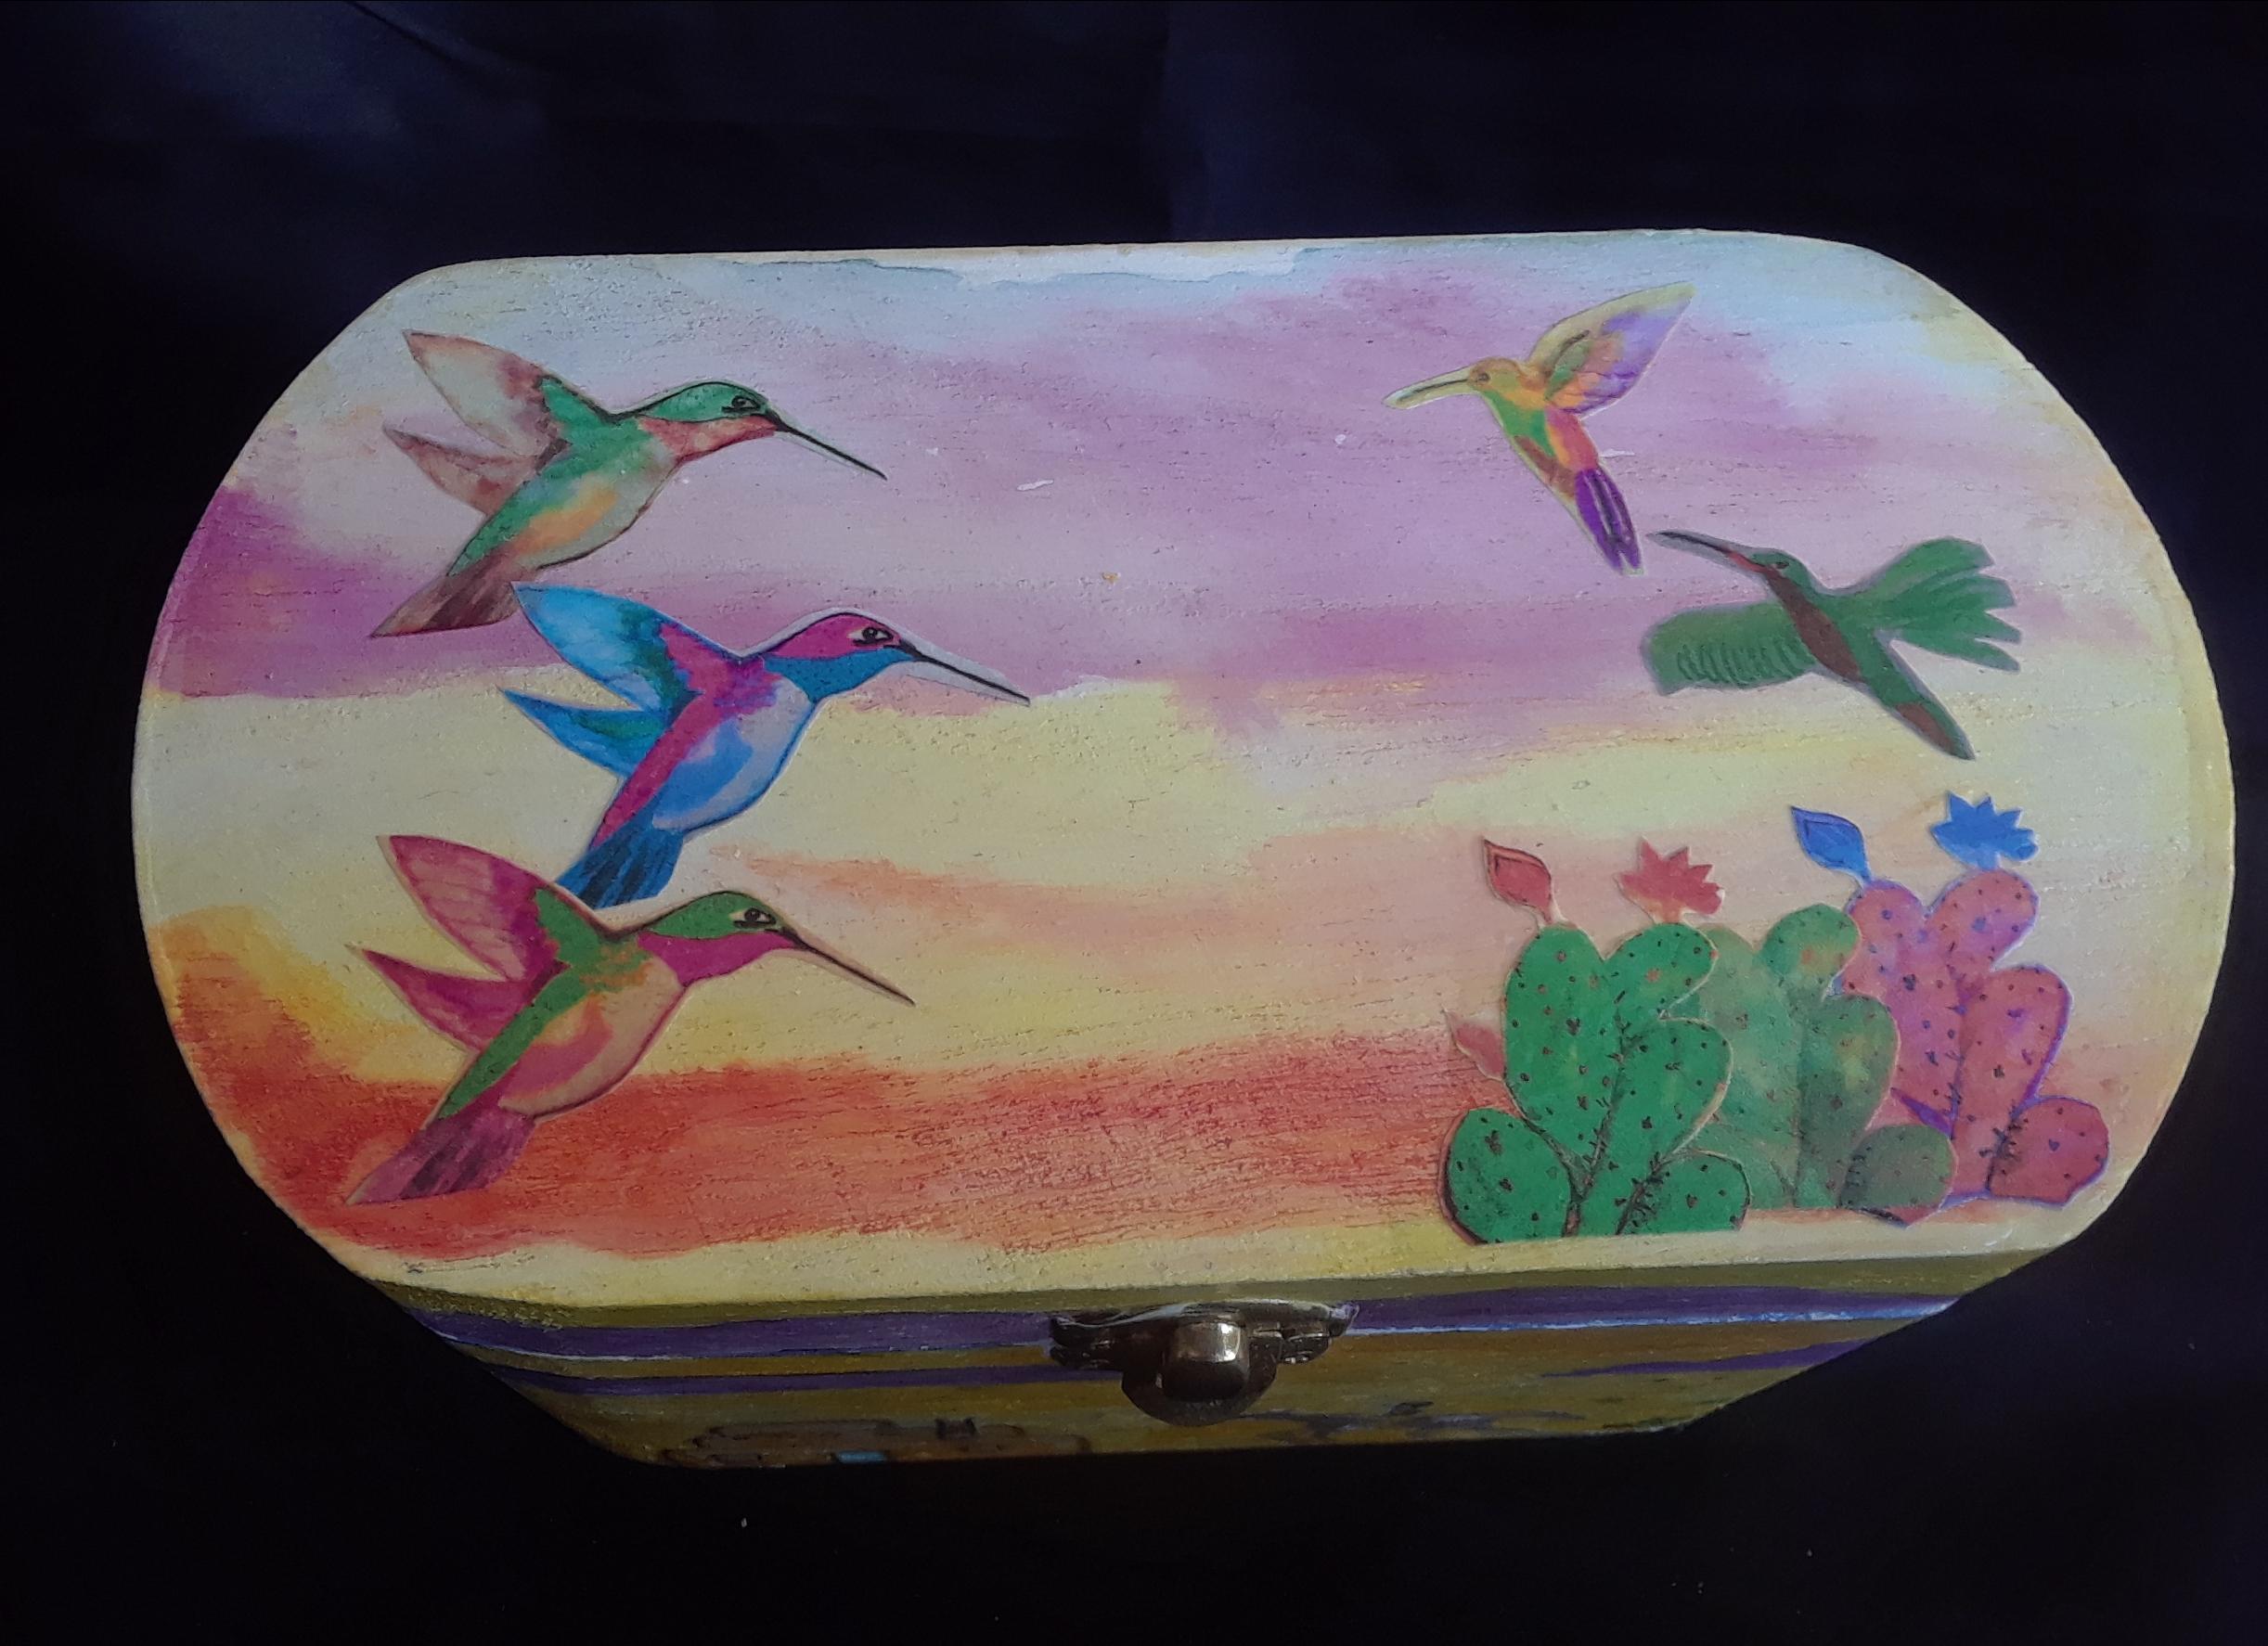 5 birds, pastel sky, Taos 2018.jpg